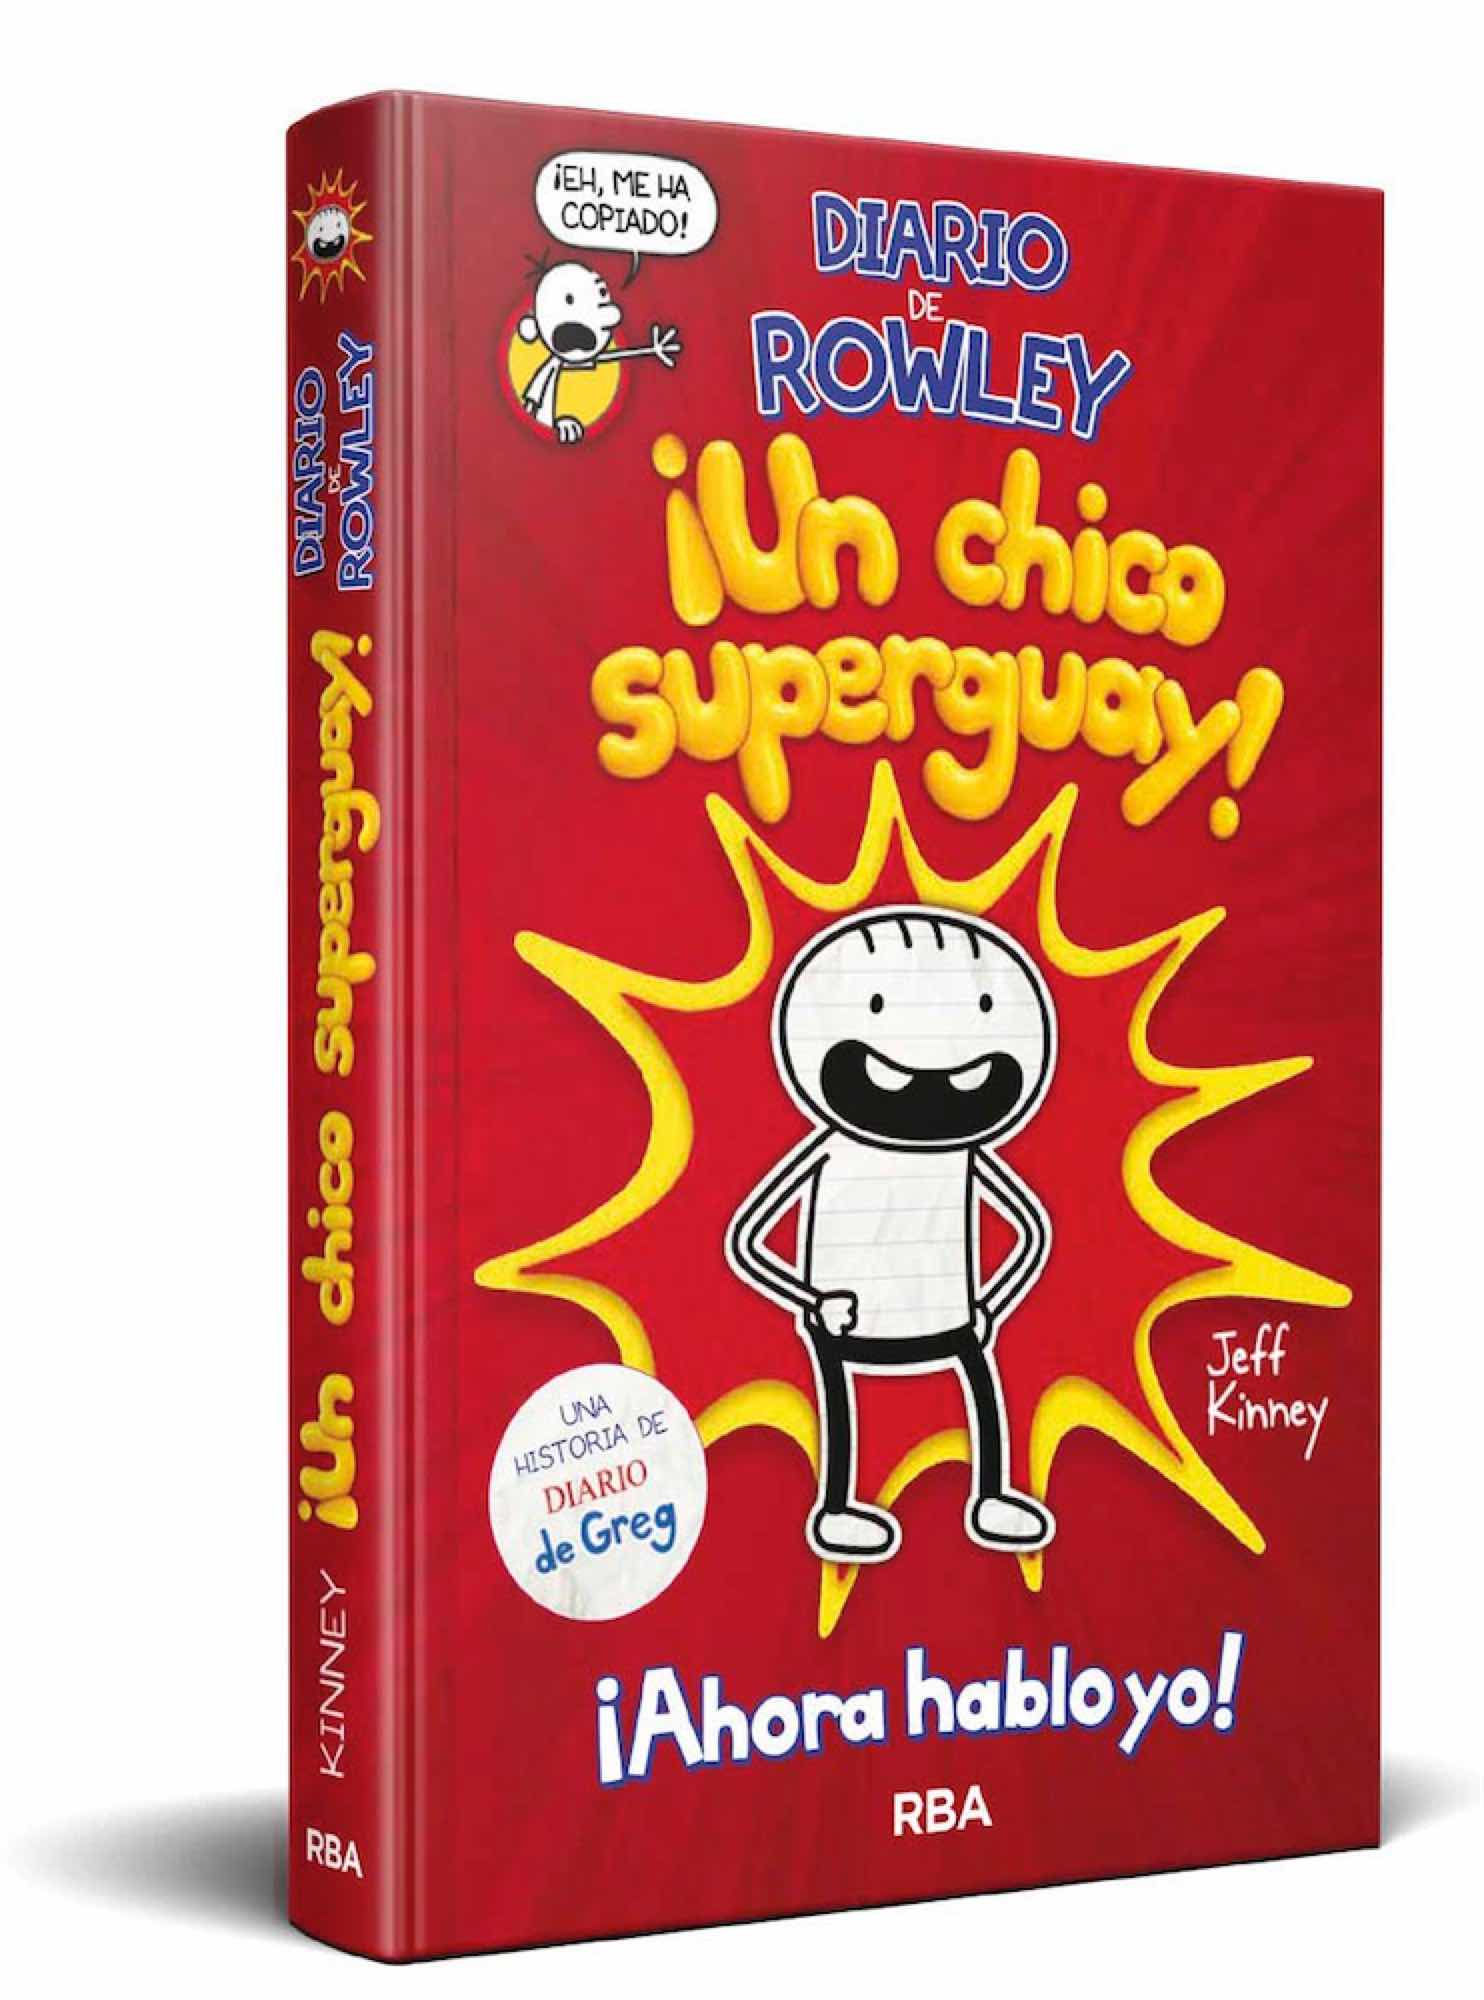 DIARIO DE ROWLEY. ¡UN CHICO SUPERGUAY!